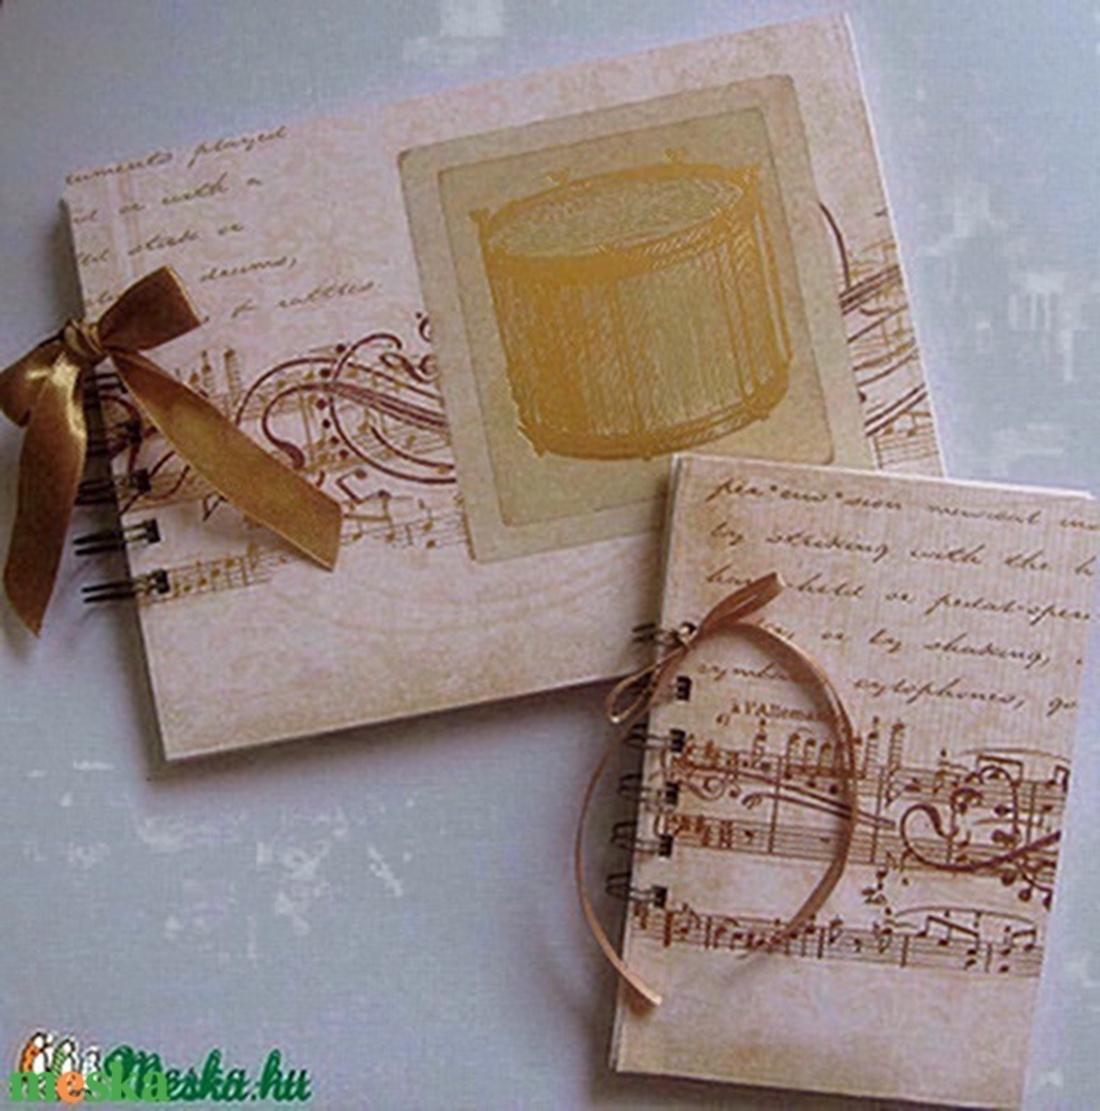 Zongorajáték - zenekedvelőknek , zenetanároknak - album (napló) - zongoraverseny - zeneiskolás - egyedi ajándék - emlék - otthon & lakás - papír írószer - jegyzetfüzet & napló - Meska.hu